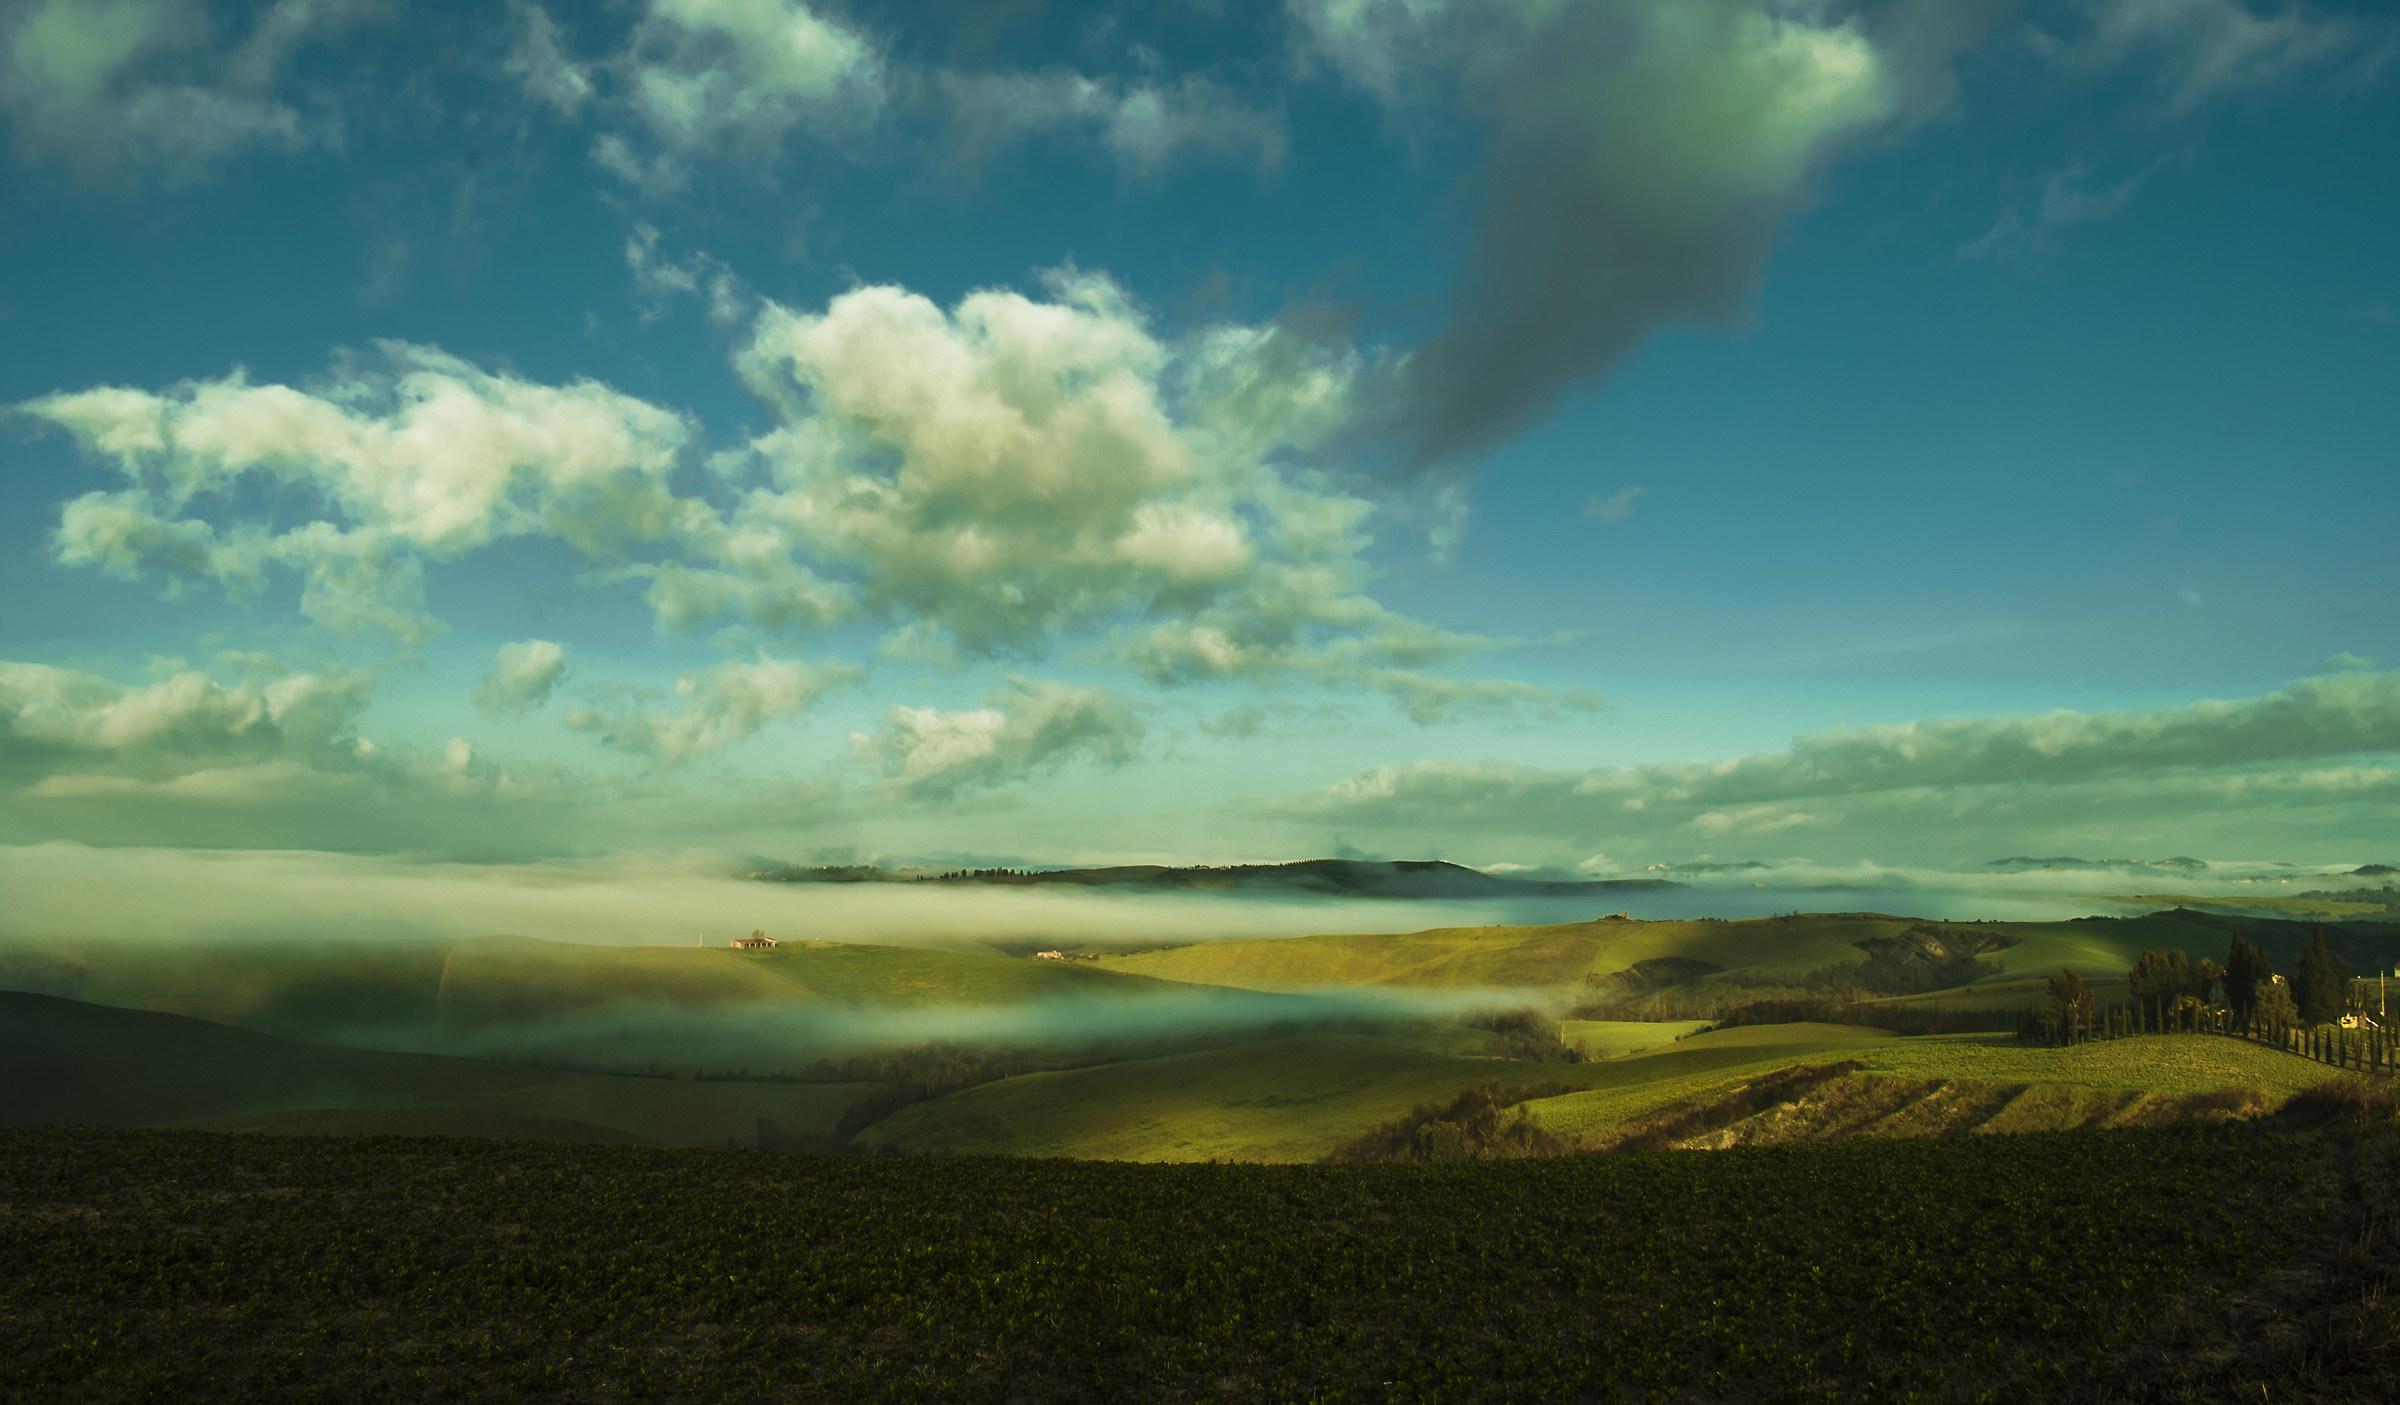 Where Earth and Heaven meet...